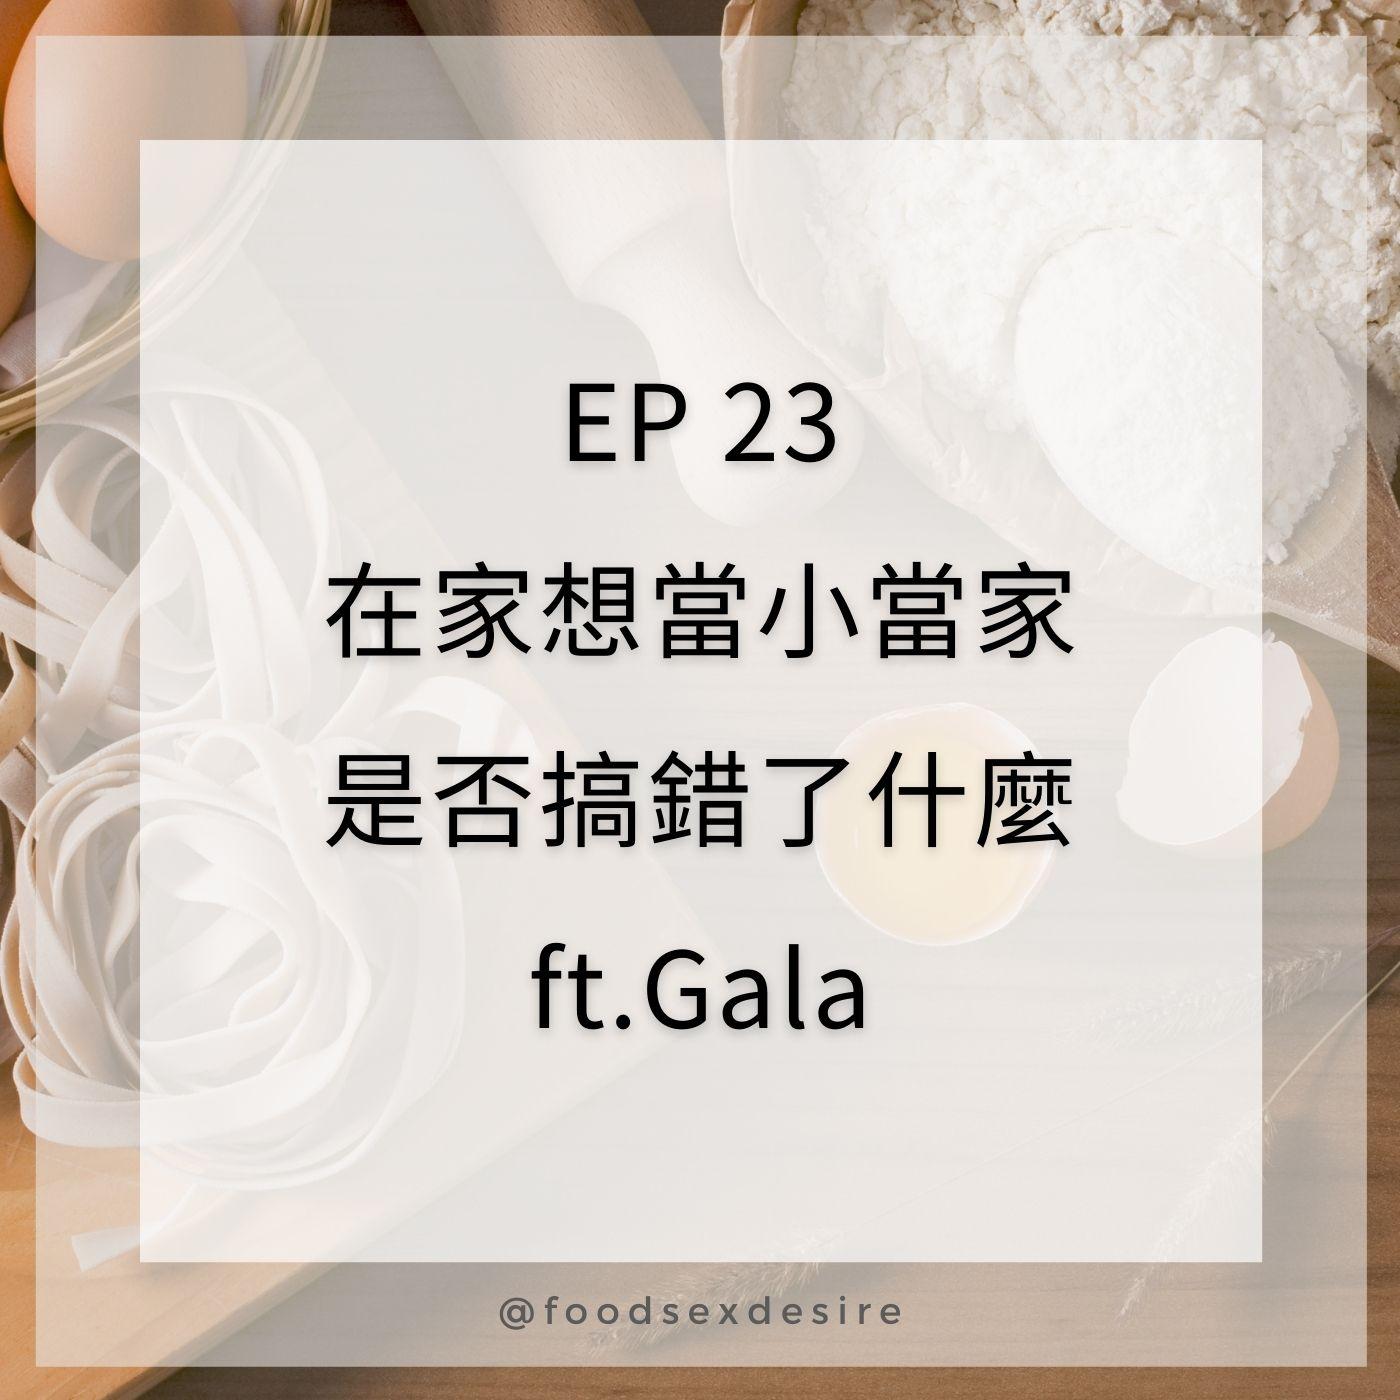 EP23 在家想當小當家是否搞錯了什麼 ft. 御宅文青相談所  嘎拉嬉皮Gala